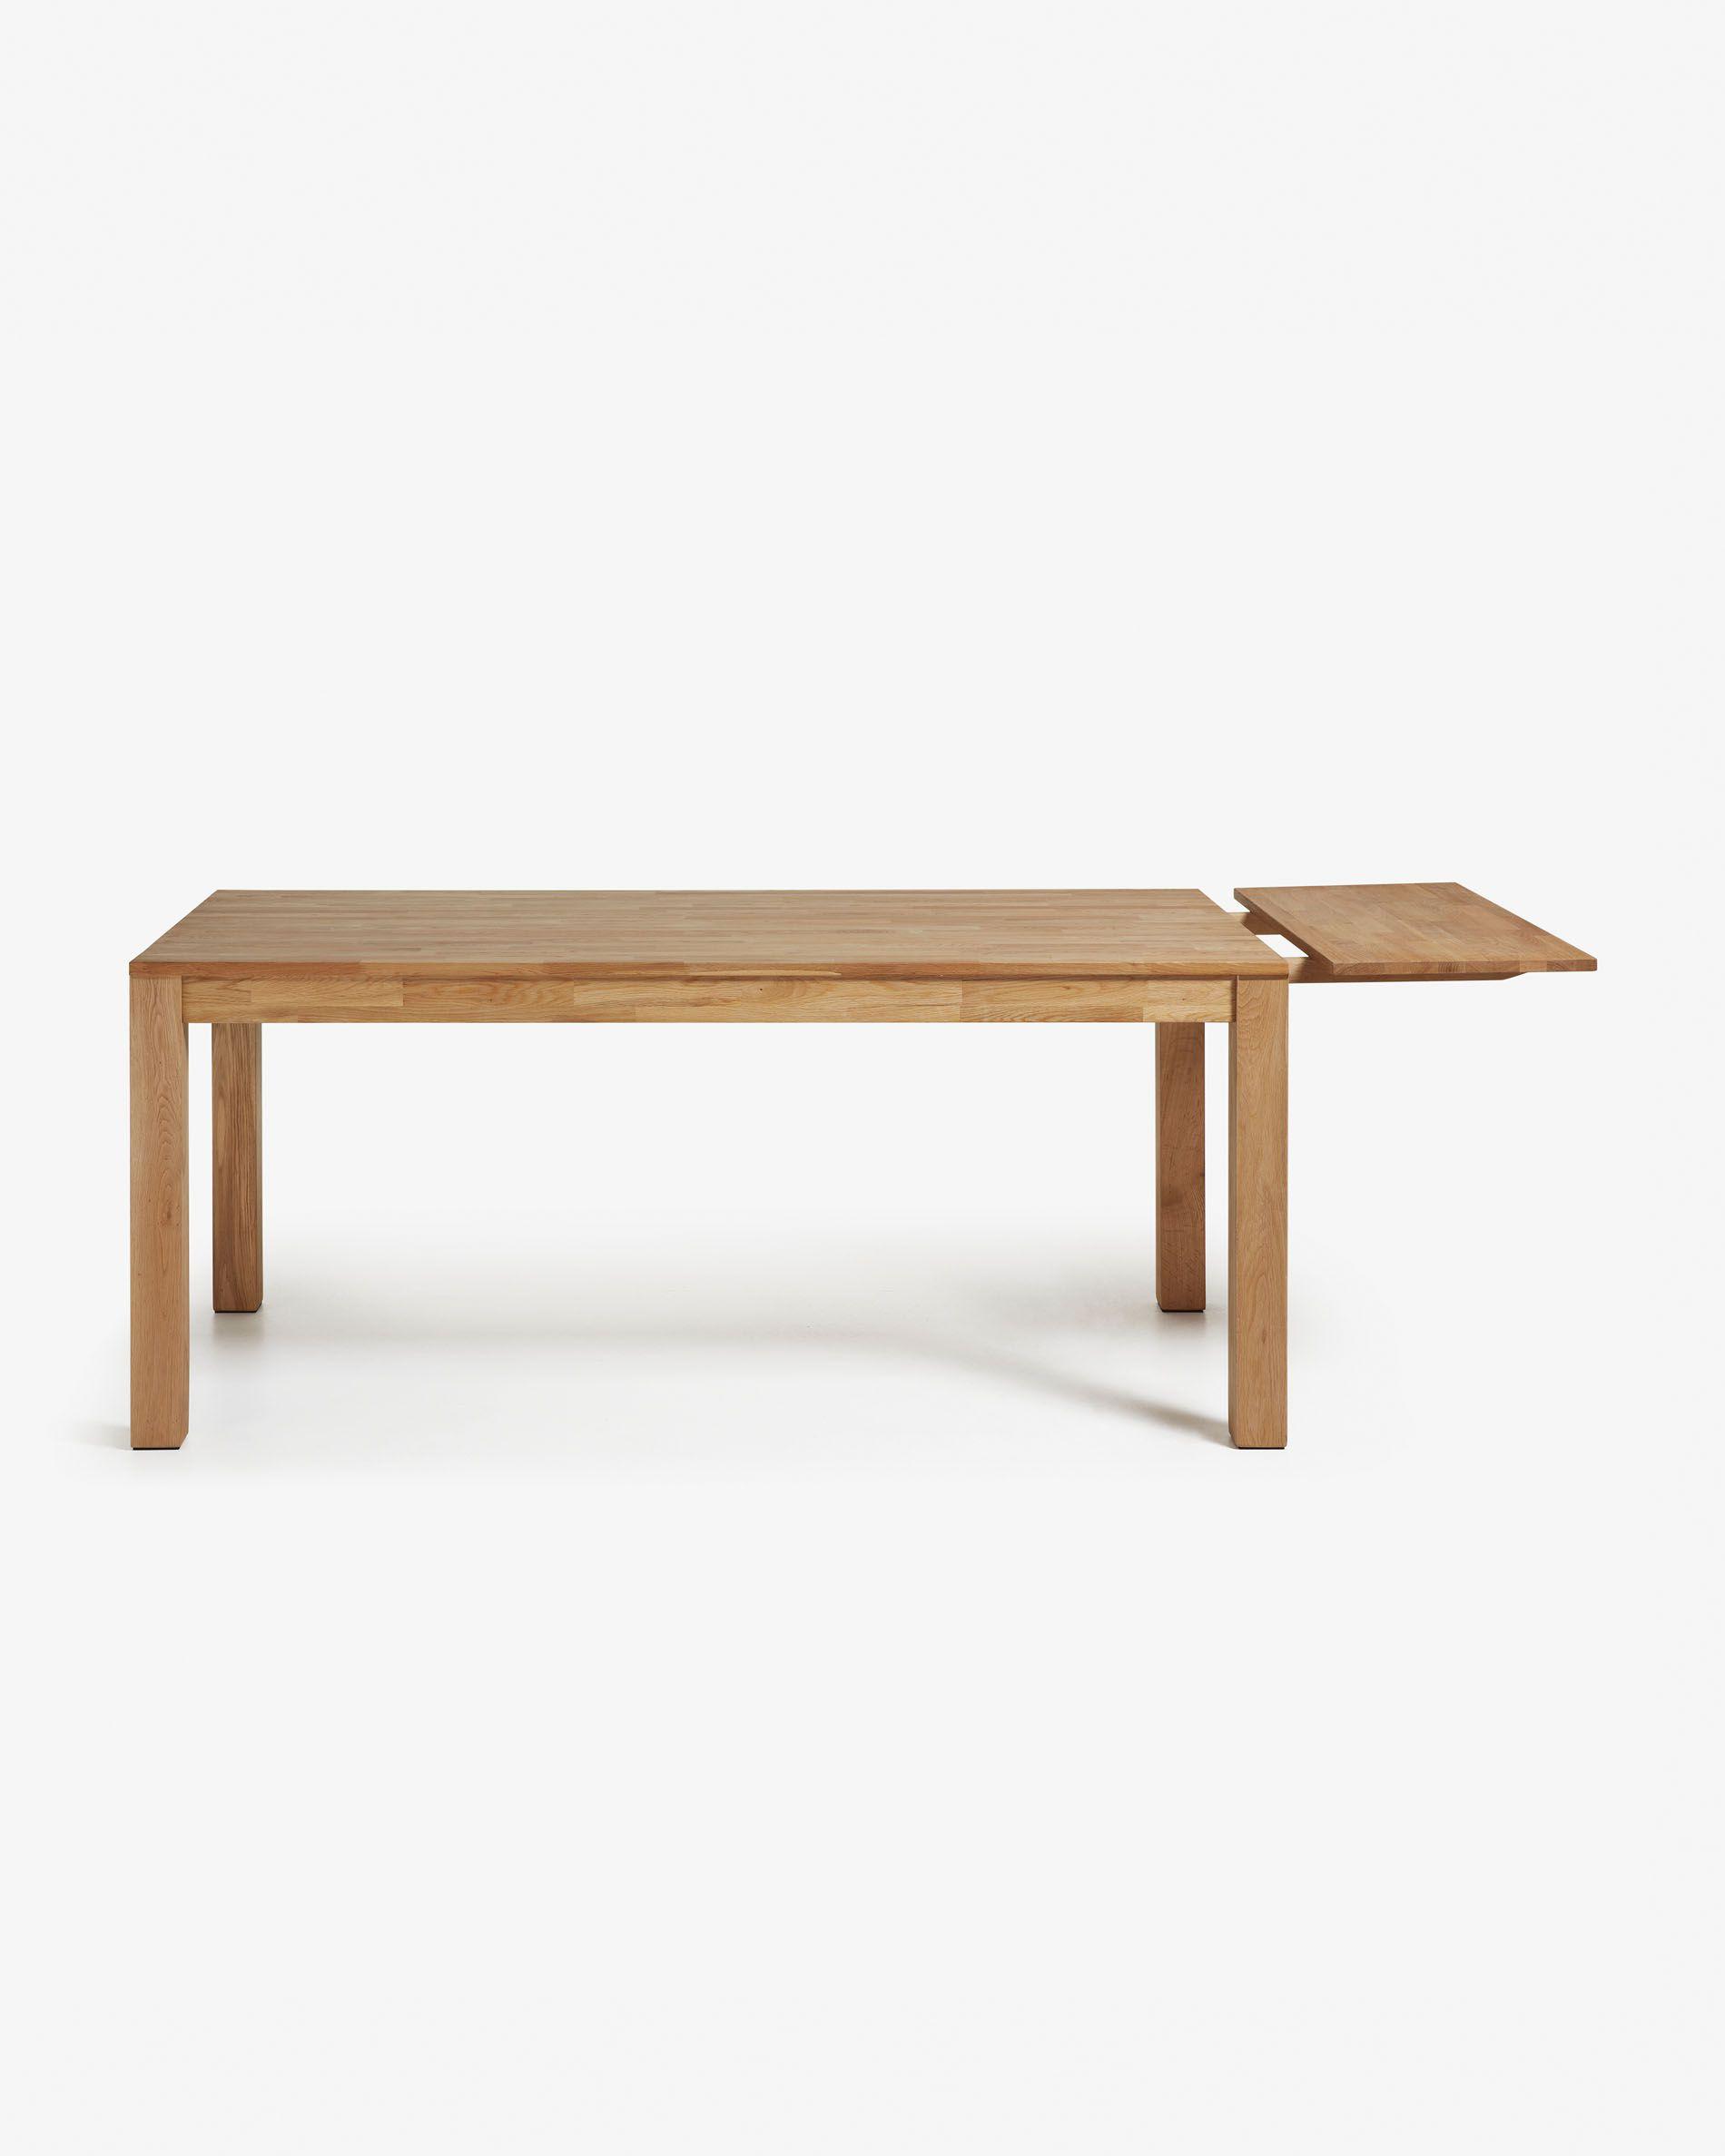 Table Extensible Exterieur Frais Table Extensible isbel 120 200 X 75 Cm